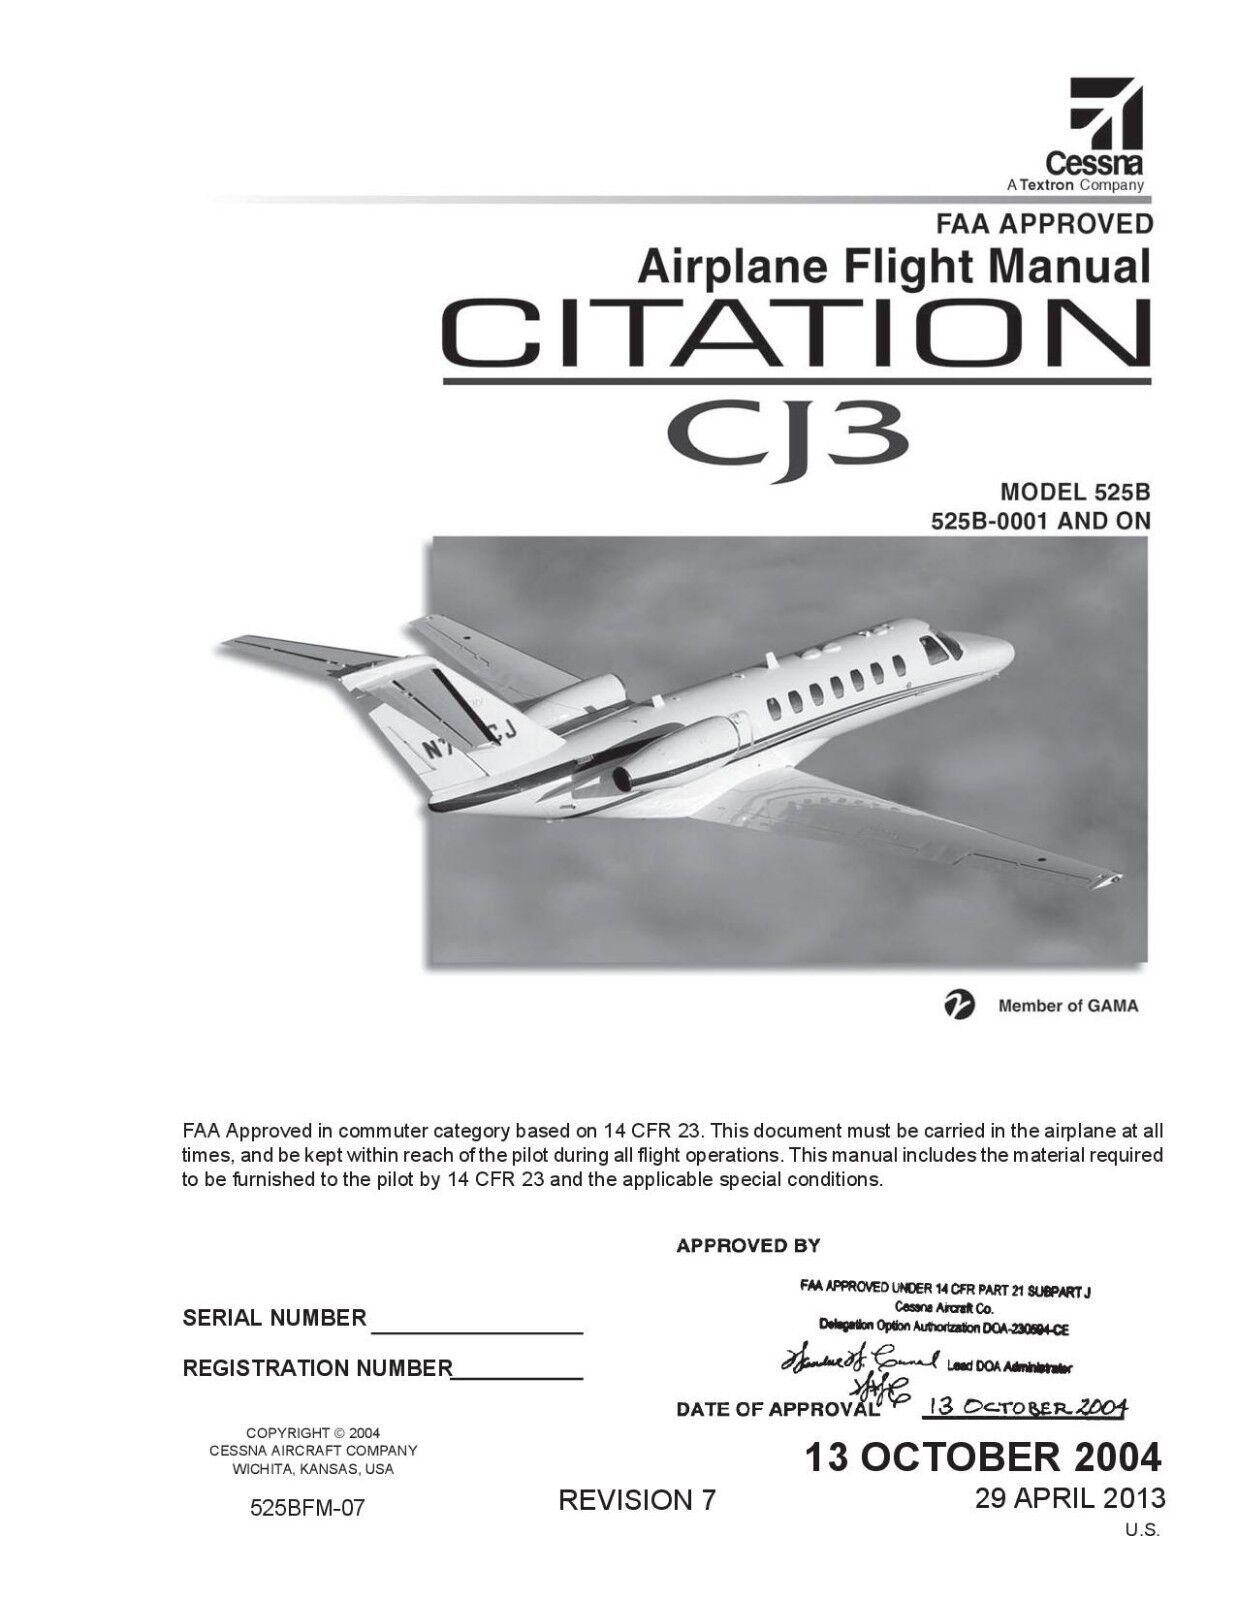 Citation CJ3 525B Flight Manual